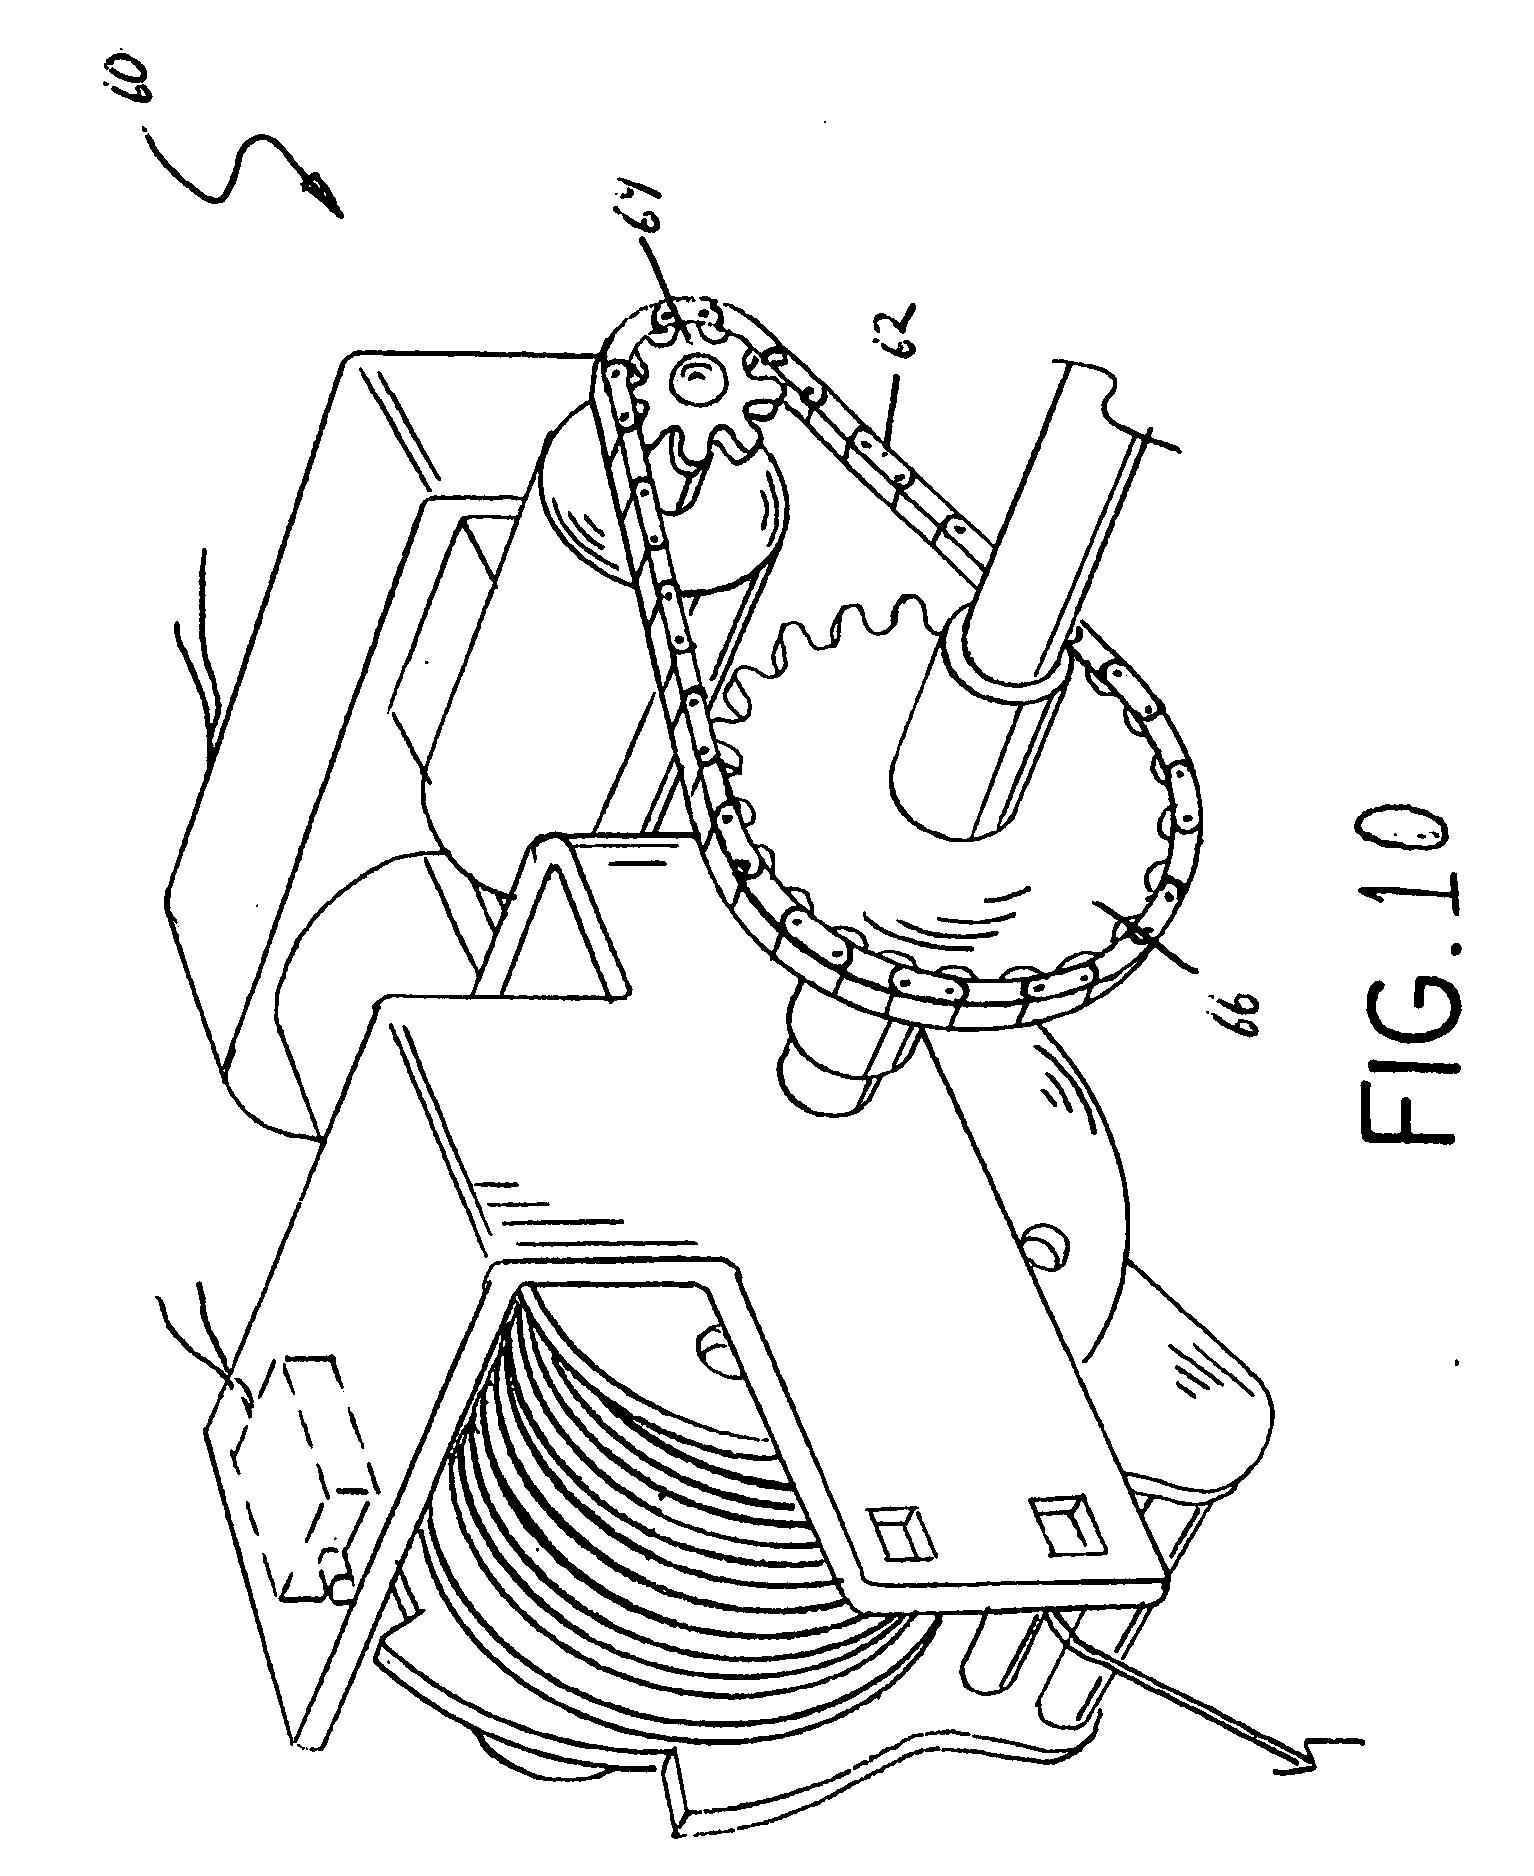 Suzuki savage ls 650 engine diagram